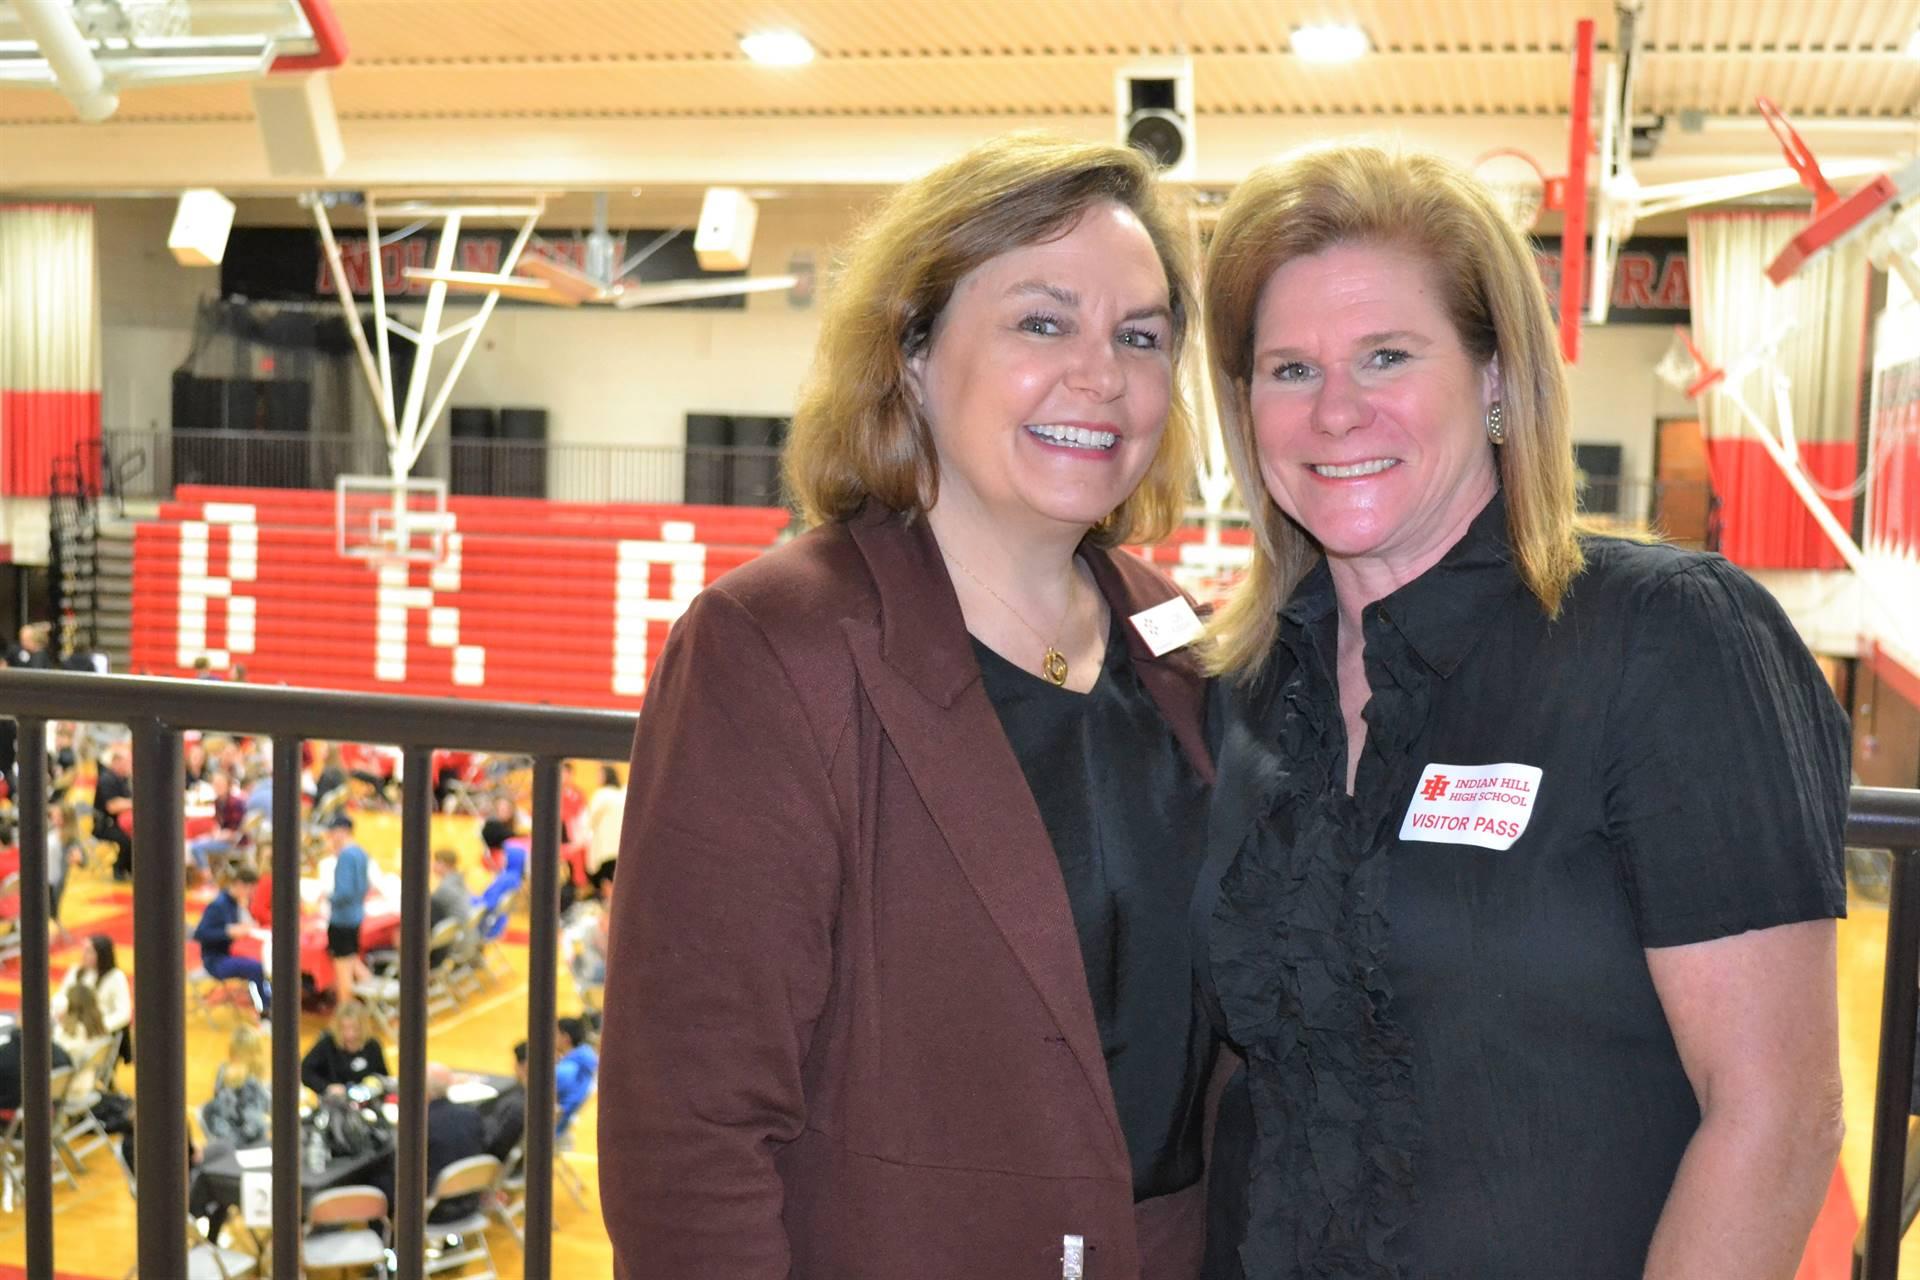 Lori Klinedinst and Janet McMillan, IHF